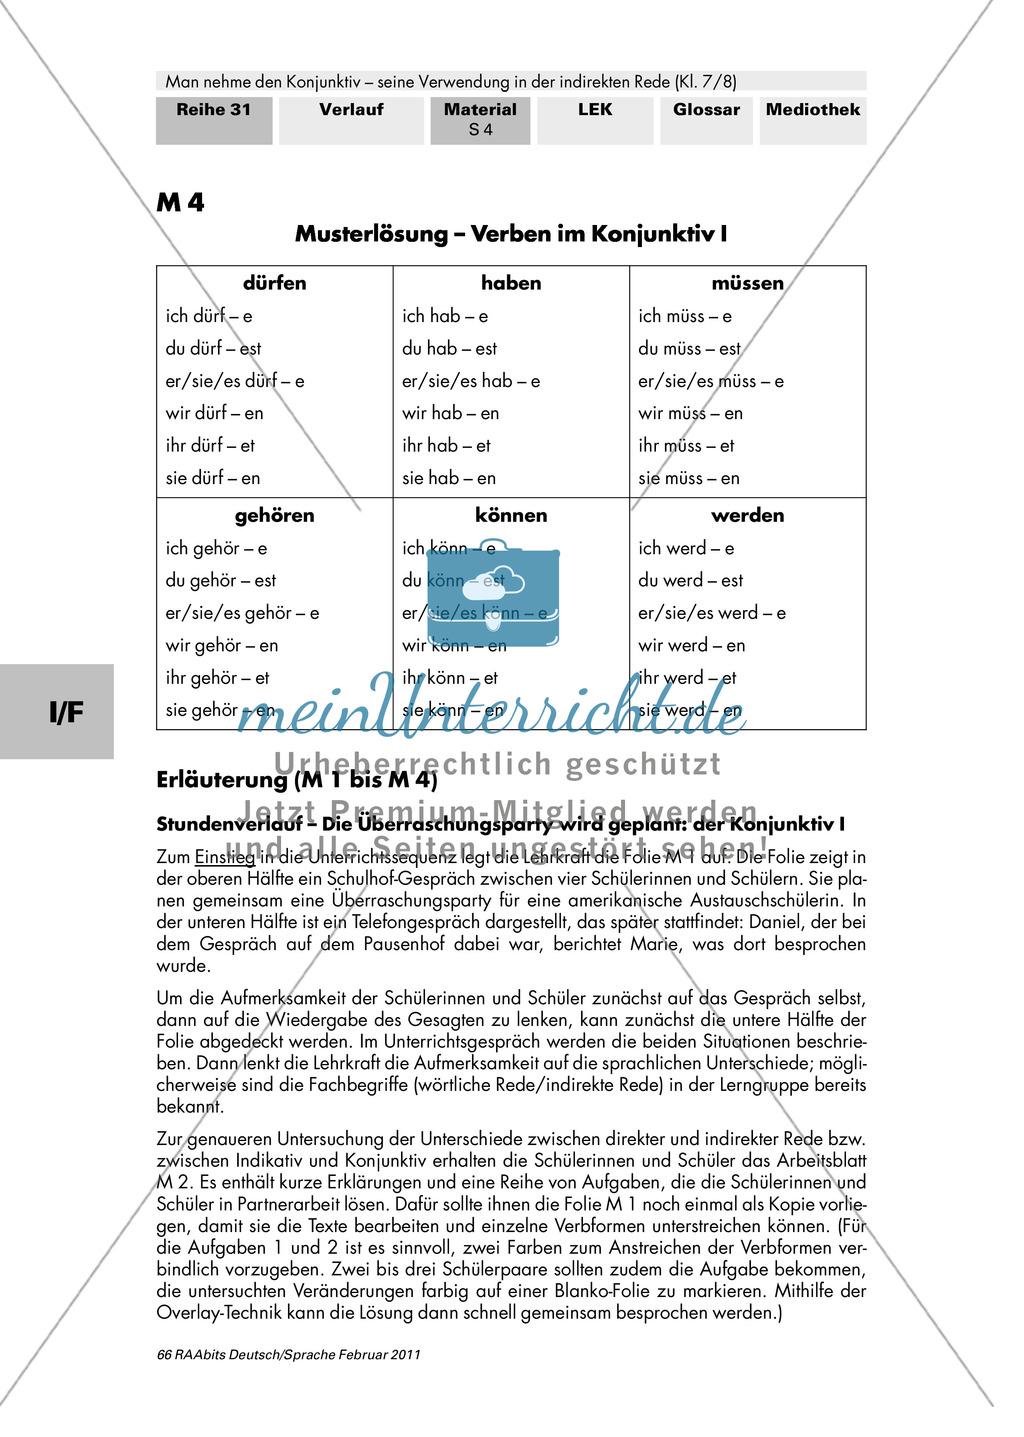 Konjunktiv I: Wörtliche und indirekte Rede + Bildung Konjunktiv I + Verben im Konjunktiv I Preview 3